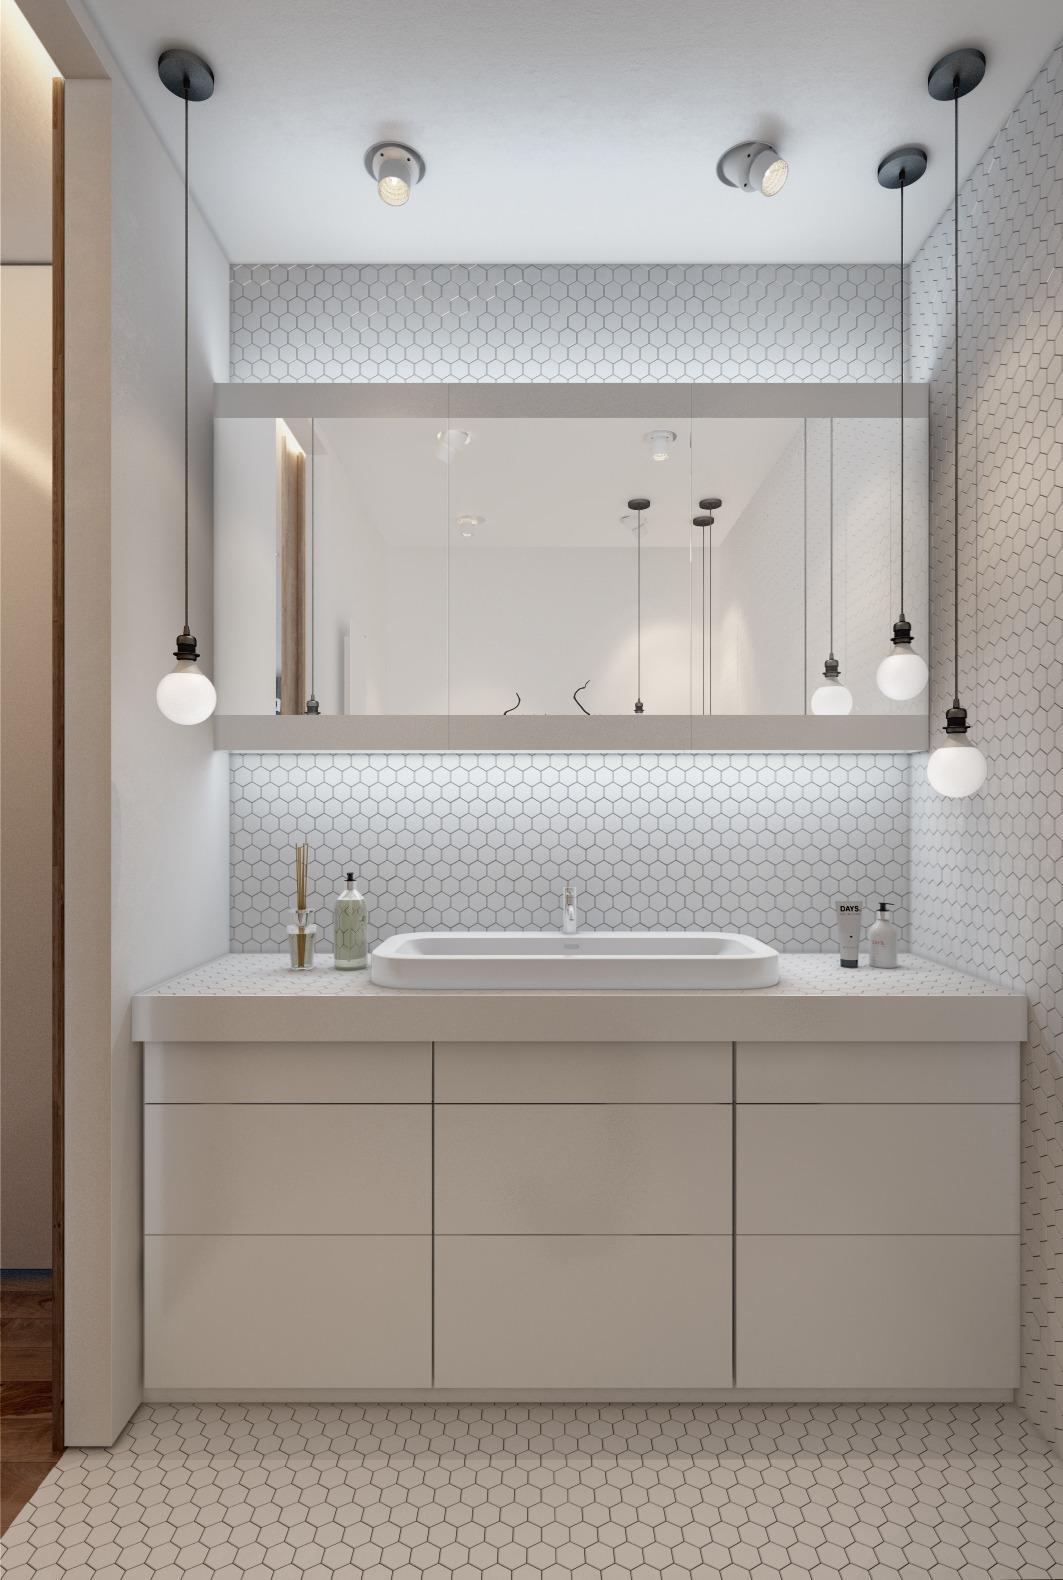 Дизайн белой ванной для маленькой квартиры - фото 3